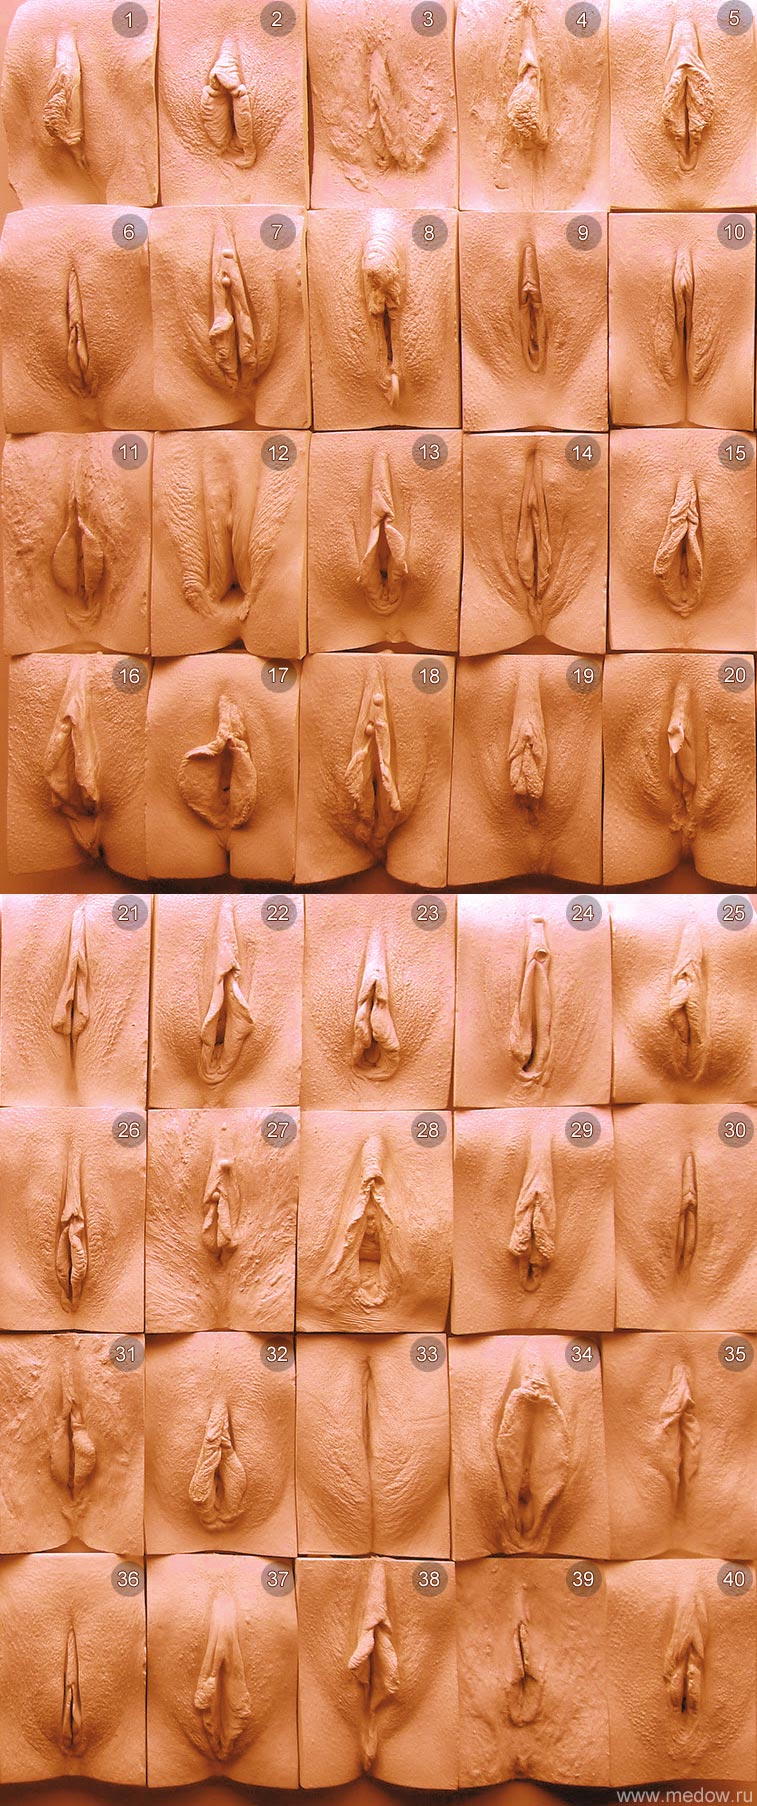 Виды секса в картинках